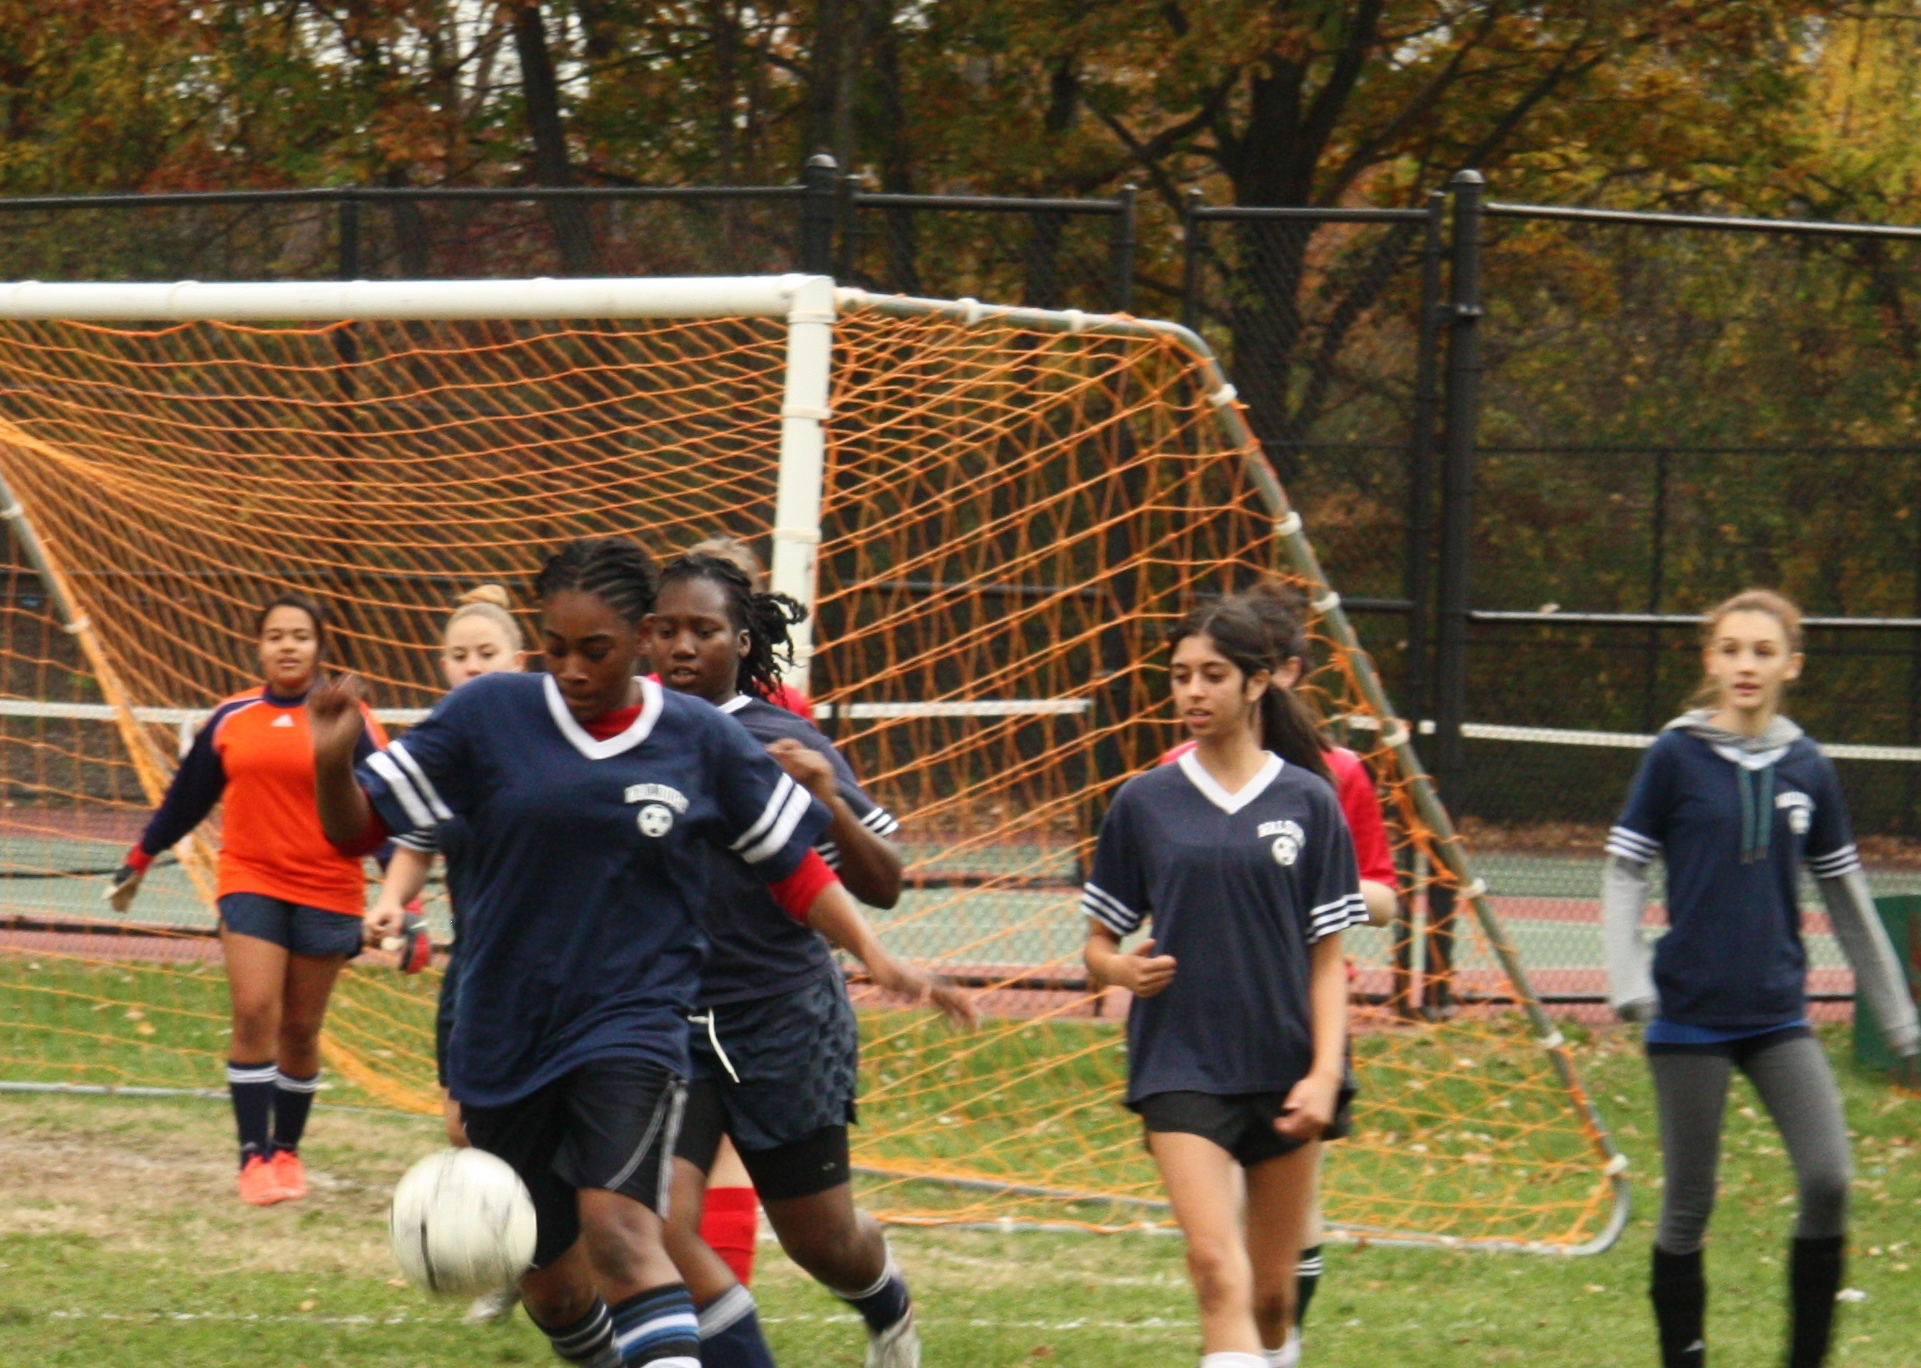 soccer10.1896009.jpg